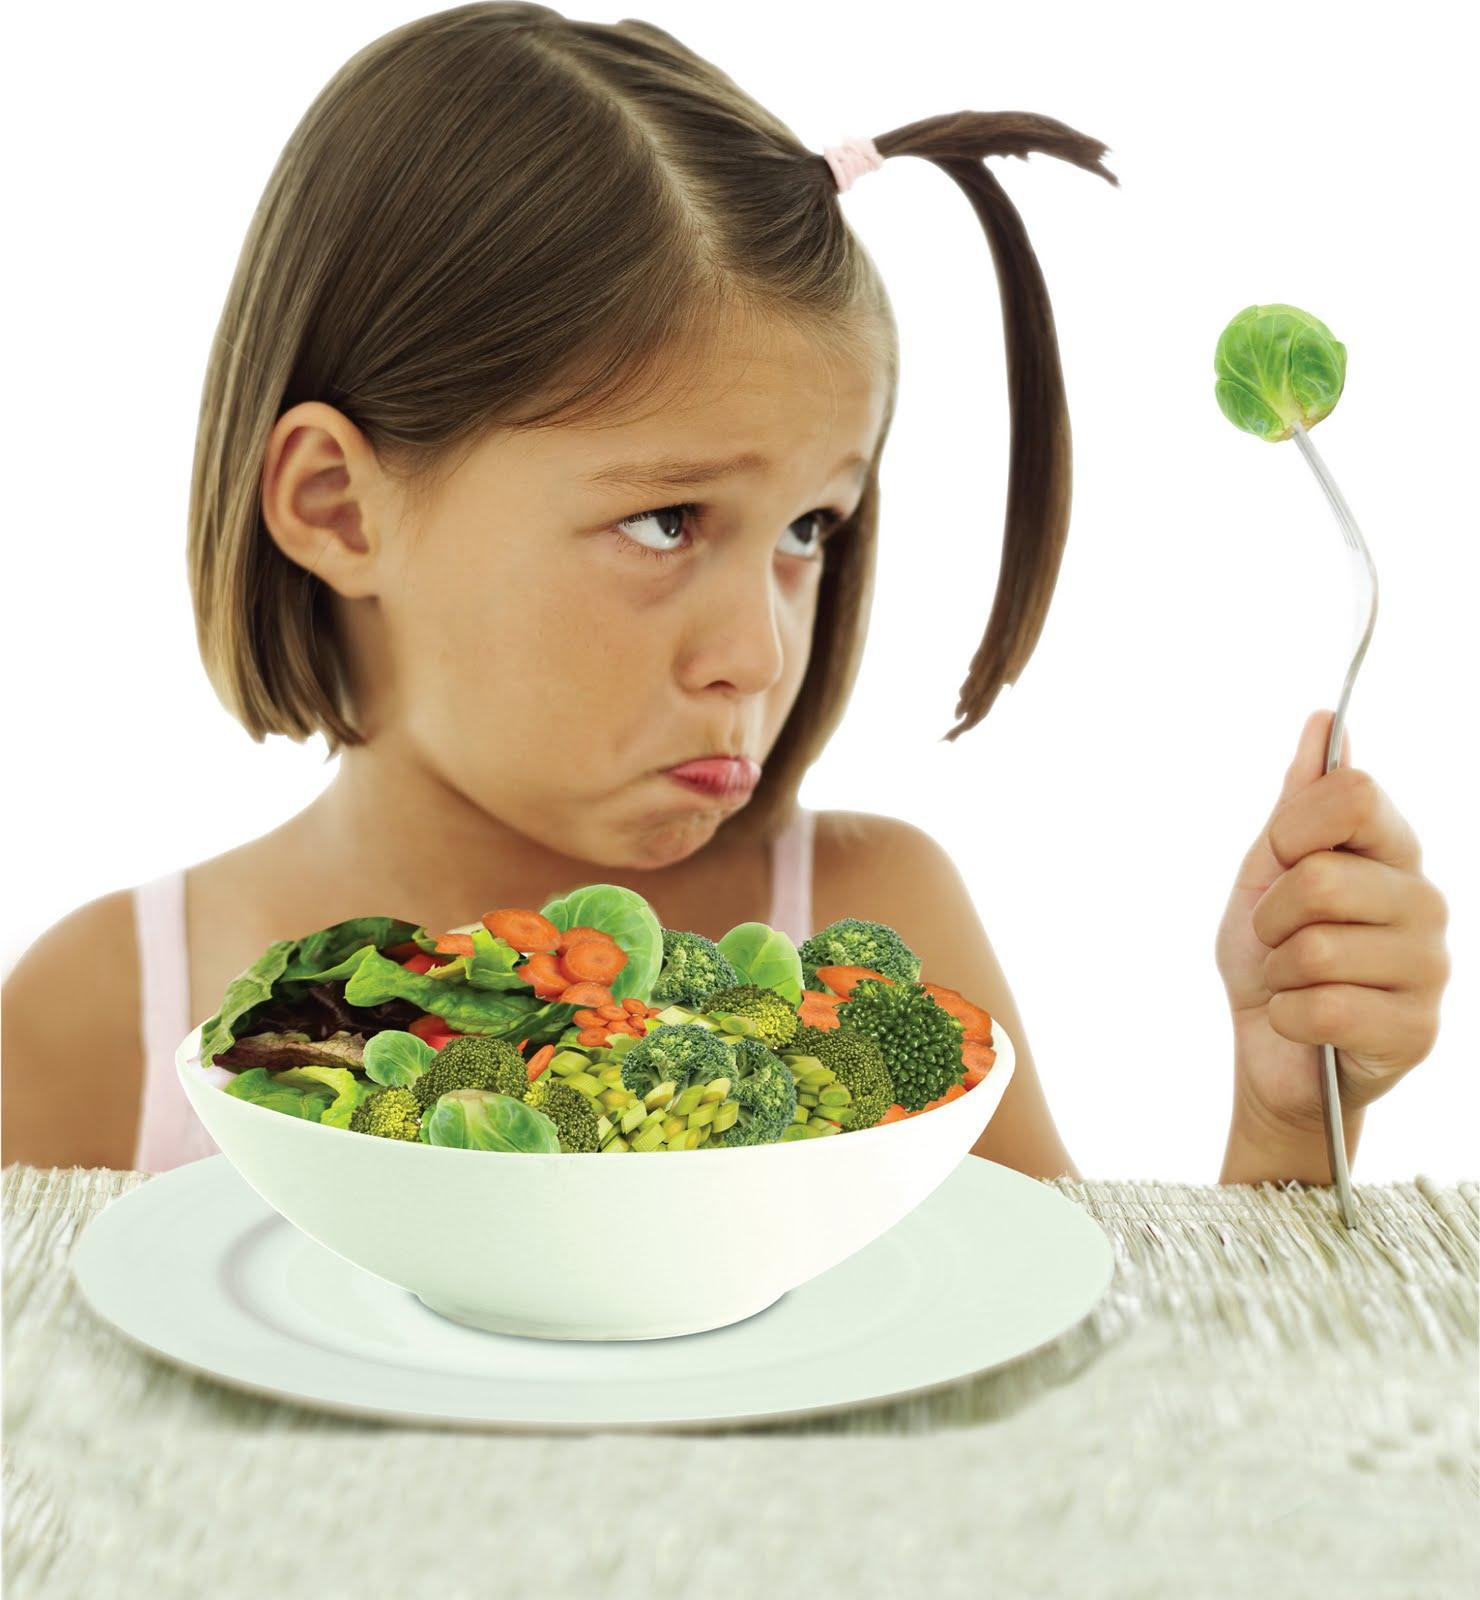 Küçük Çocukların Beslenmesi